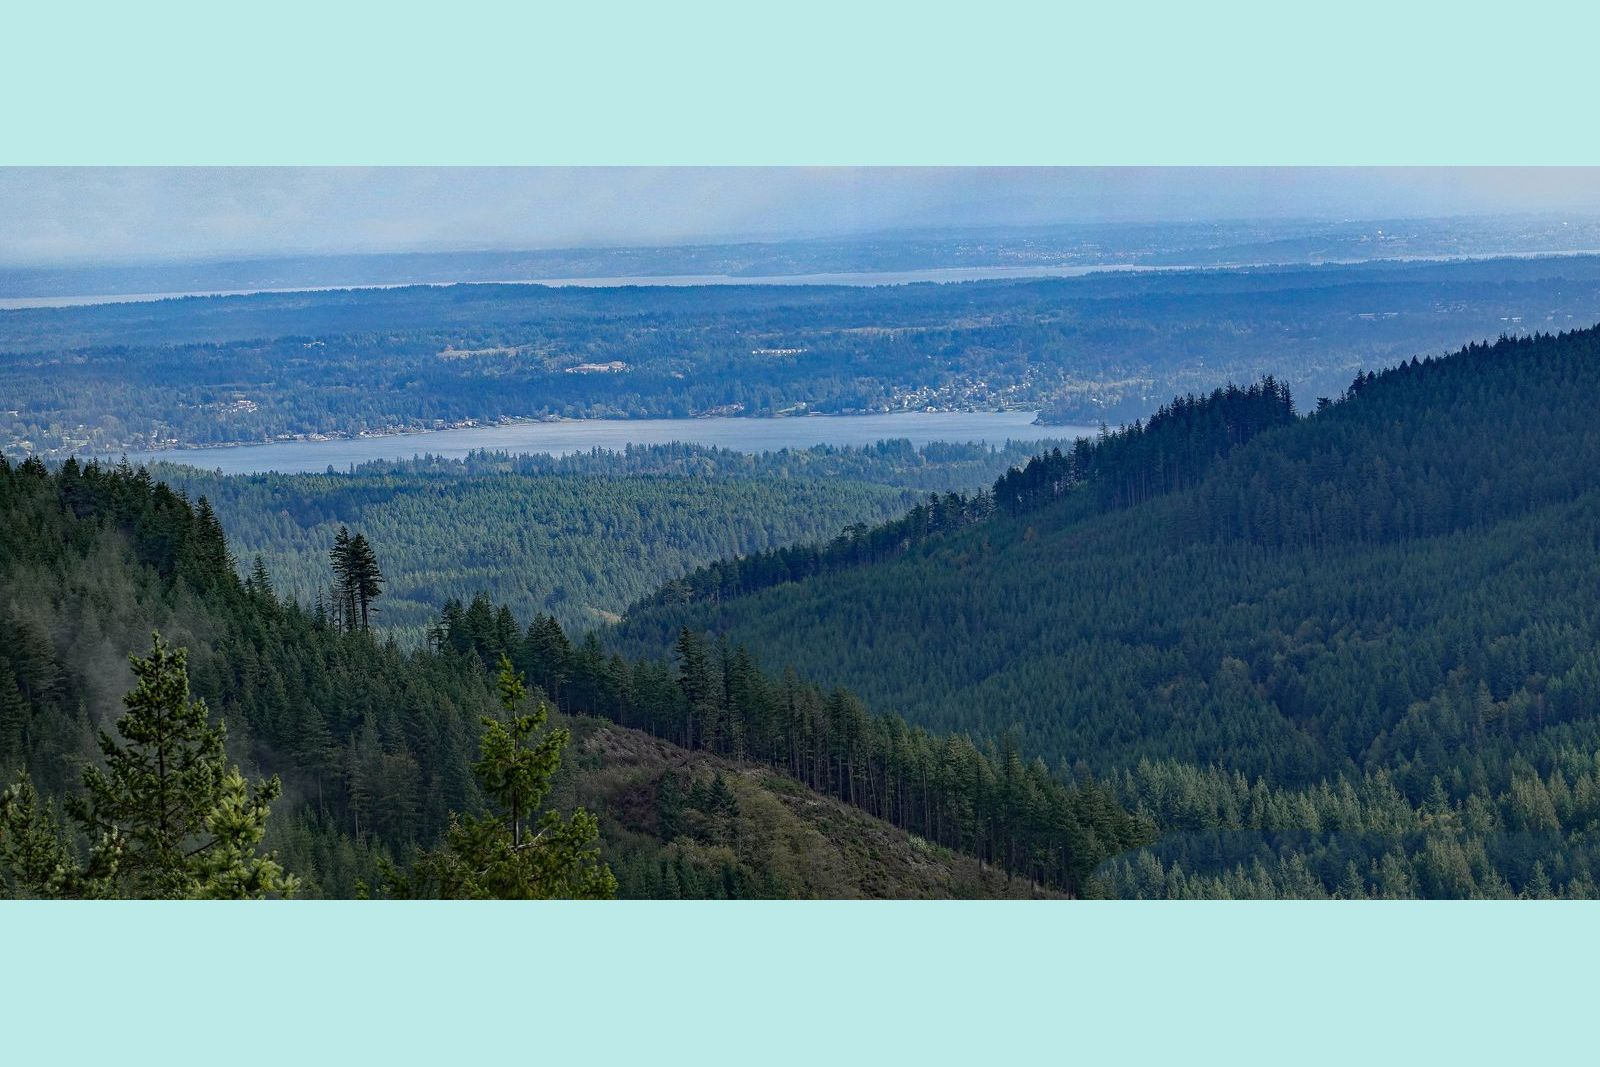 The view toward Seattle – 20 plus miles away